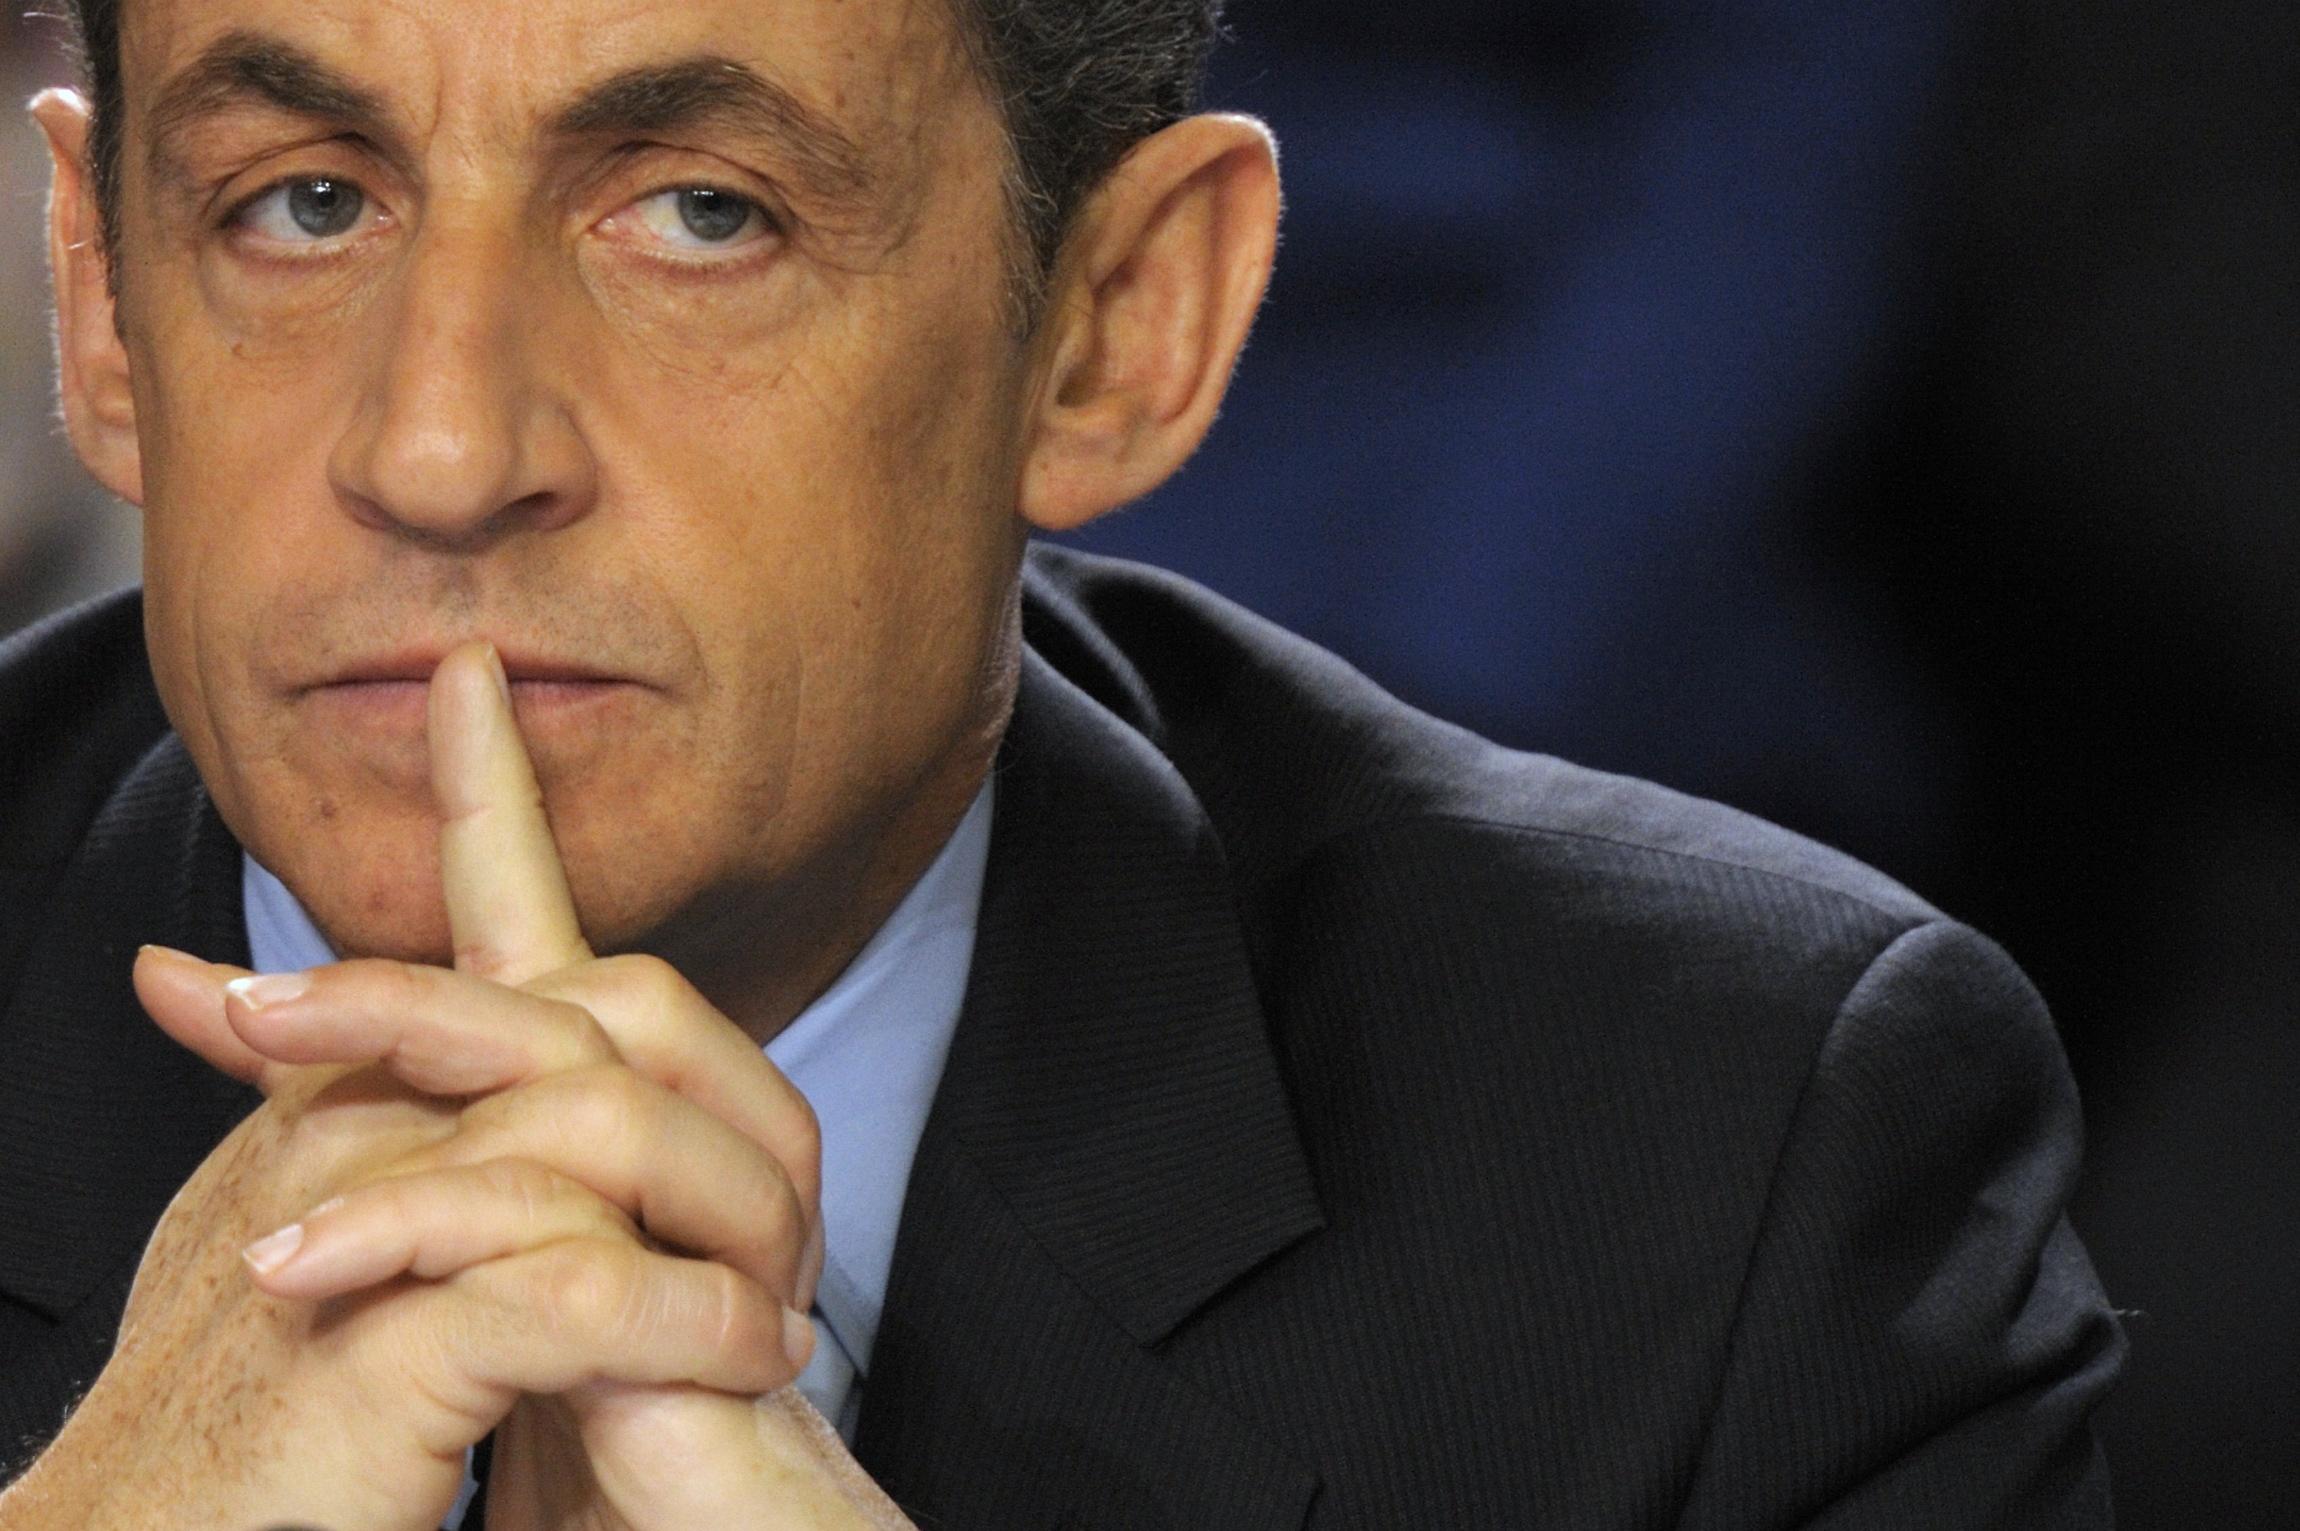 Ερευνα στο σπίτι και τα γραφεία του Σαρκοζί πραγματοποίησαν οι γαλλικές αρχές